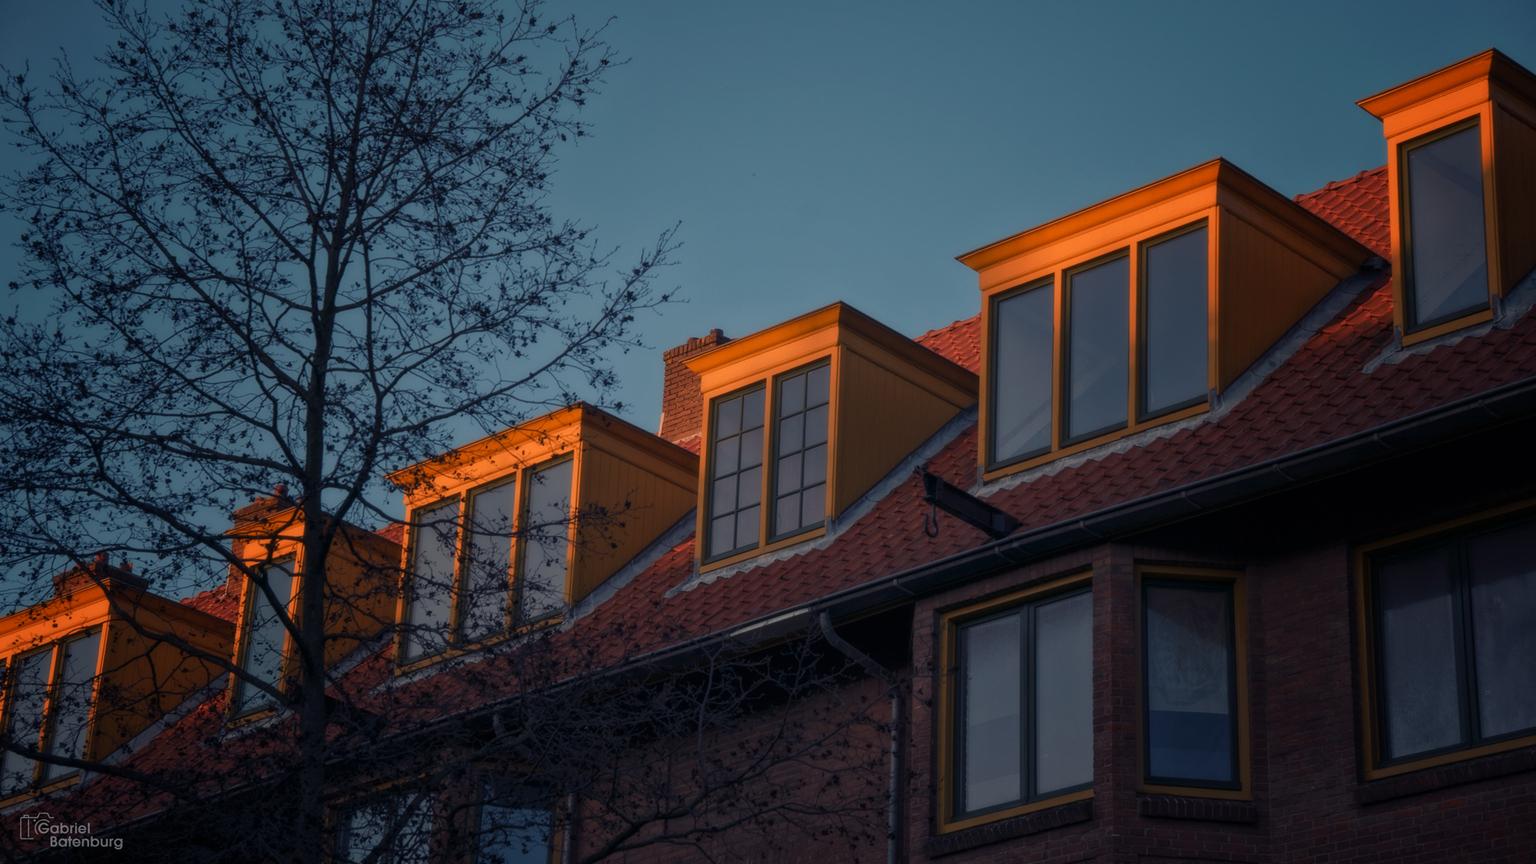 De laatste zon - Zonsondergang in Amsterdam. de daken vangen het laatste licht - foto door gabriel-batenburg1969 op 12-04-2021 - locatie: Amsterdam, Nederland - deze foto bevat: #amsterdam, #zonsondergang, venster, lucht, gebouw, fabriek, boom, hout, wolk, steen, metselwerk, schemer